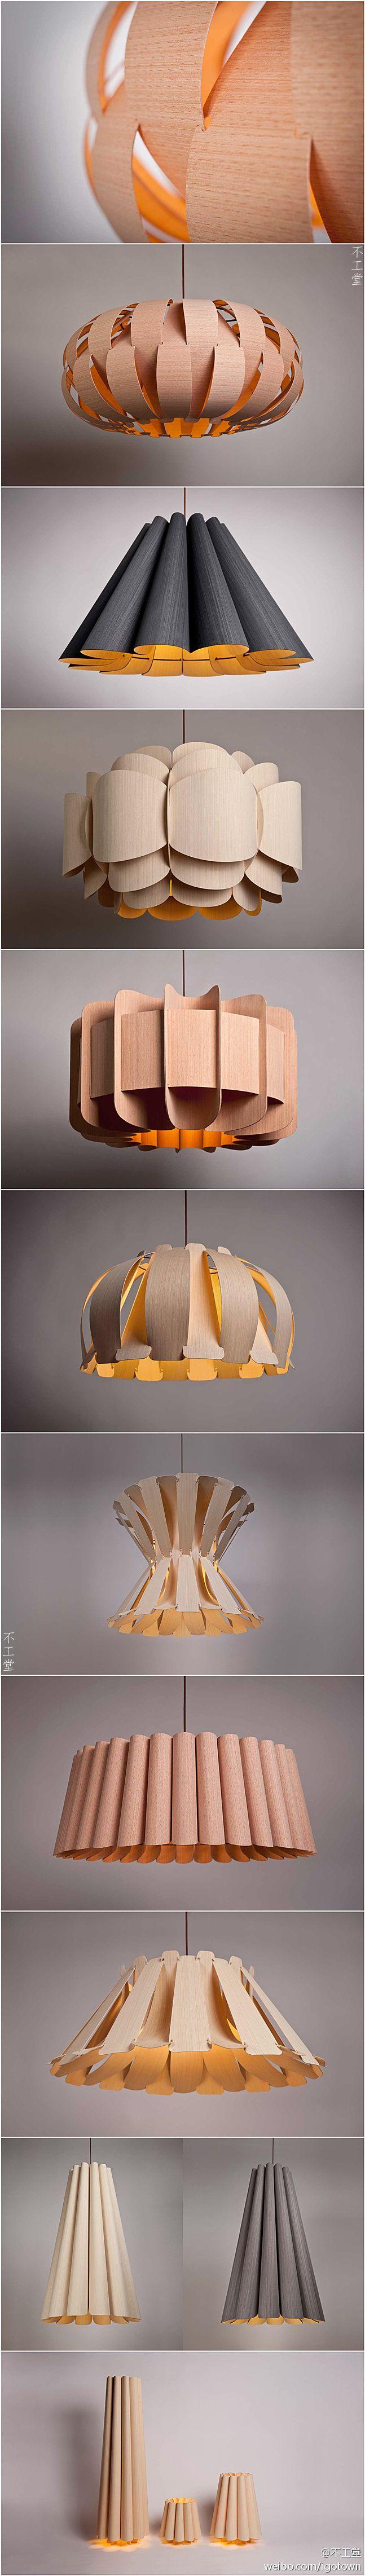 die besten 25 wandtisch klappbar ideen auf pinterest klappbarer gartentisch gartentisch holz. Black Bedroom Furniture Sets. Home Design Ideas